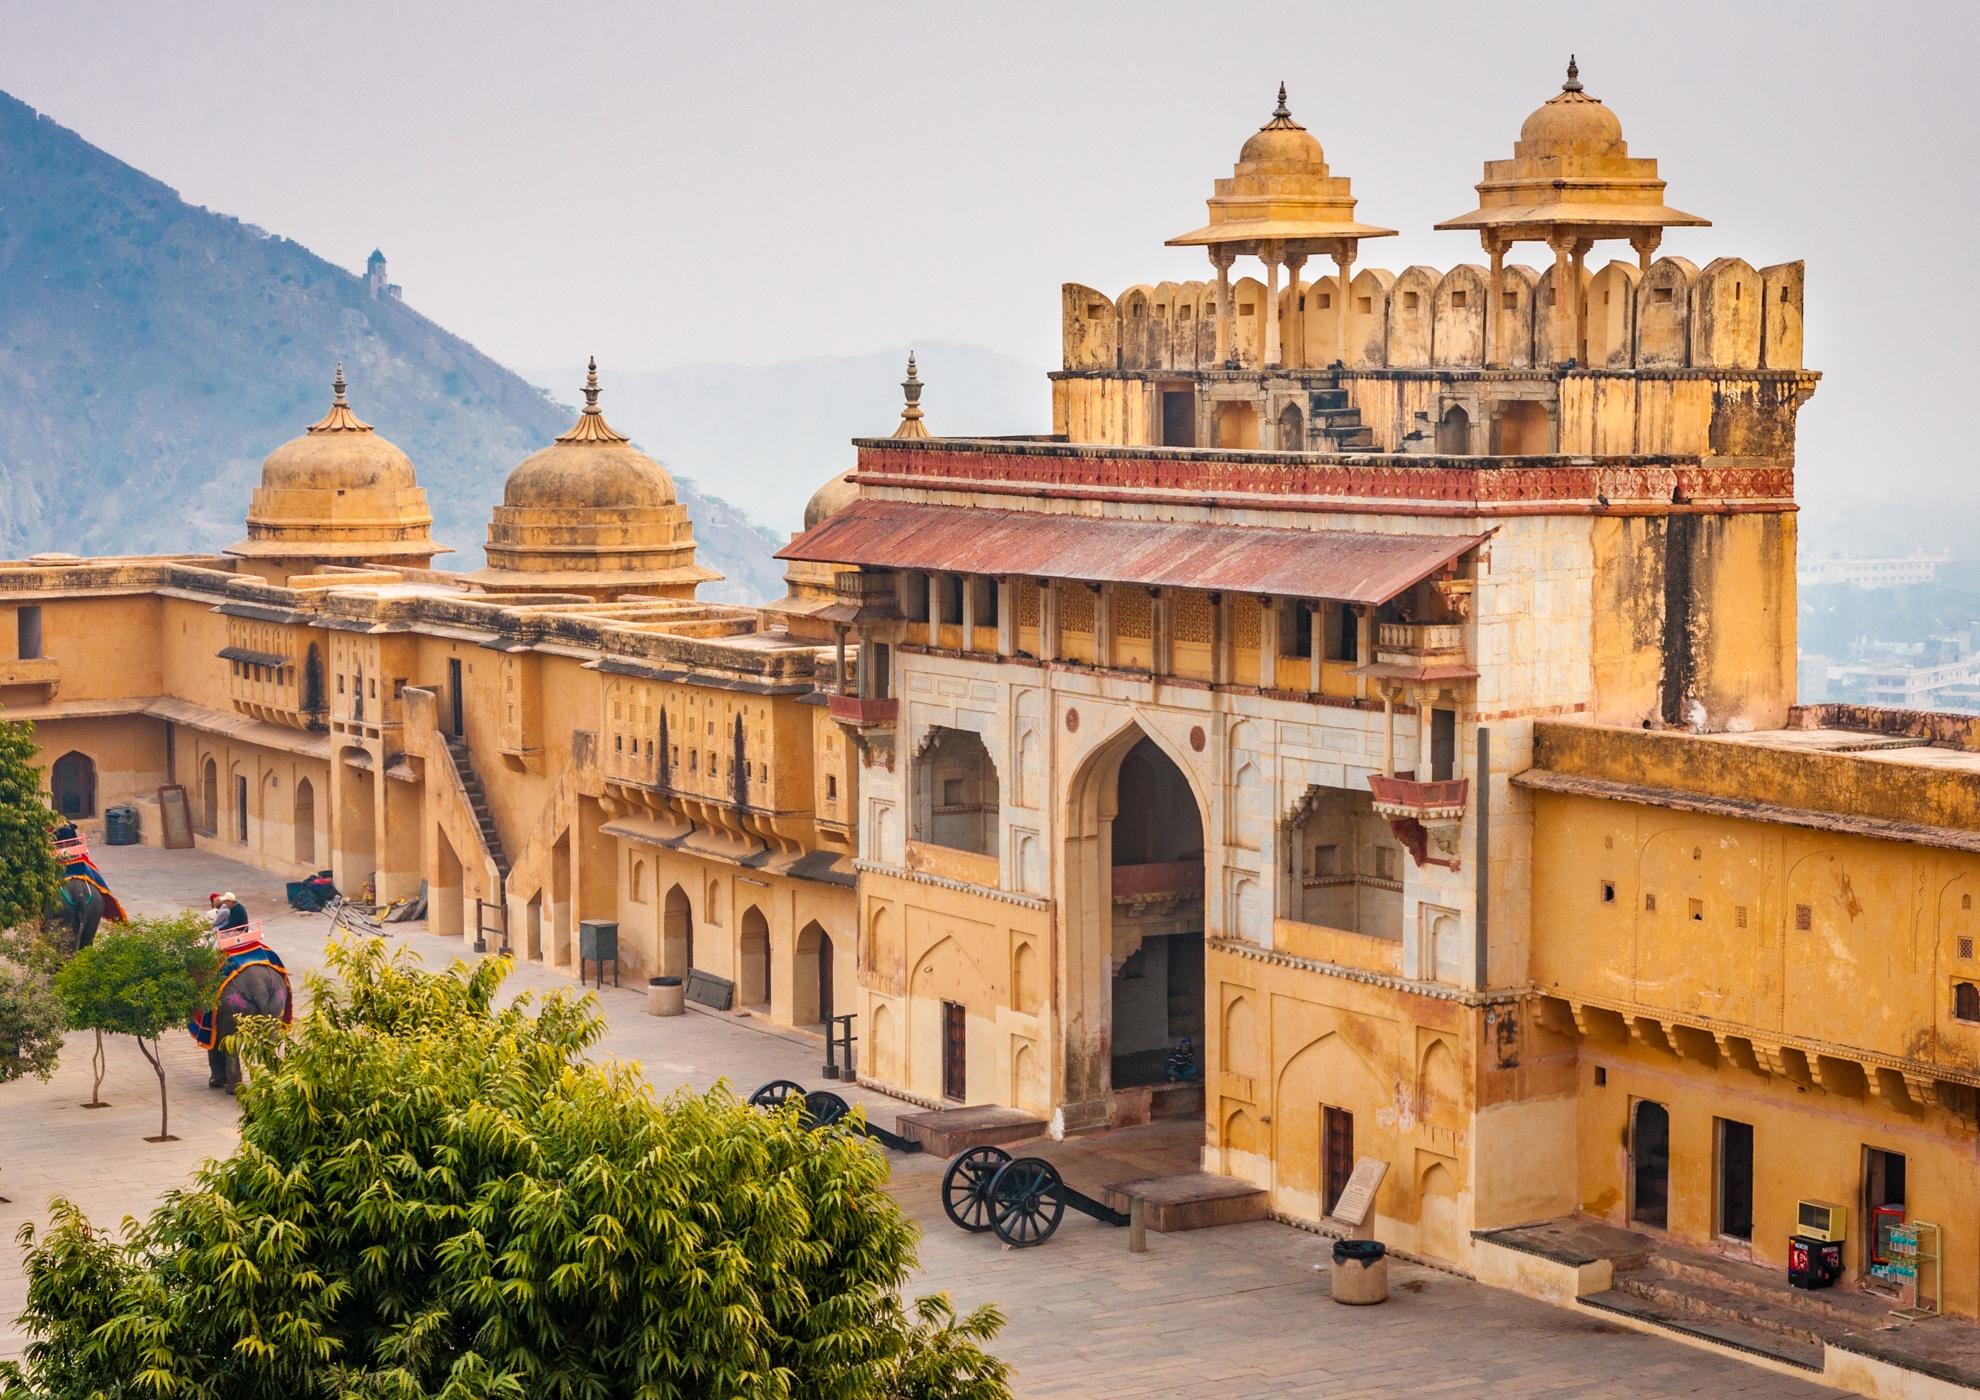 Amber Amer Fort Jaipur India L